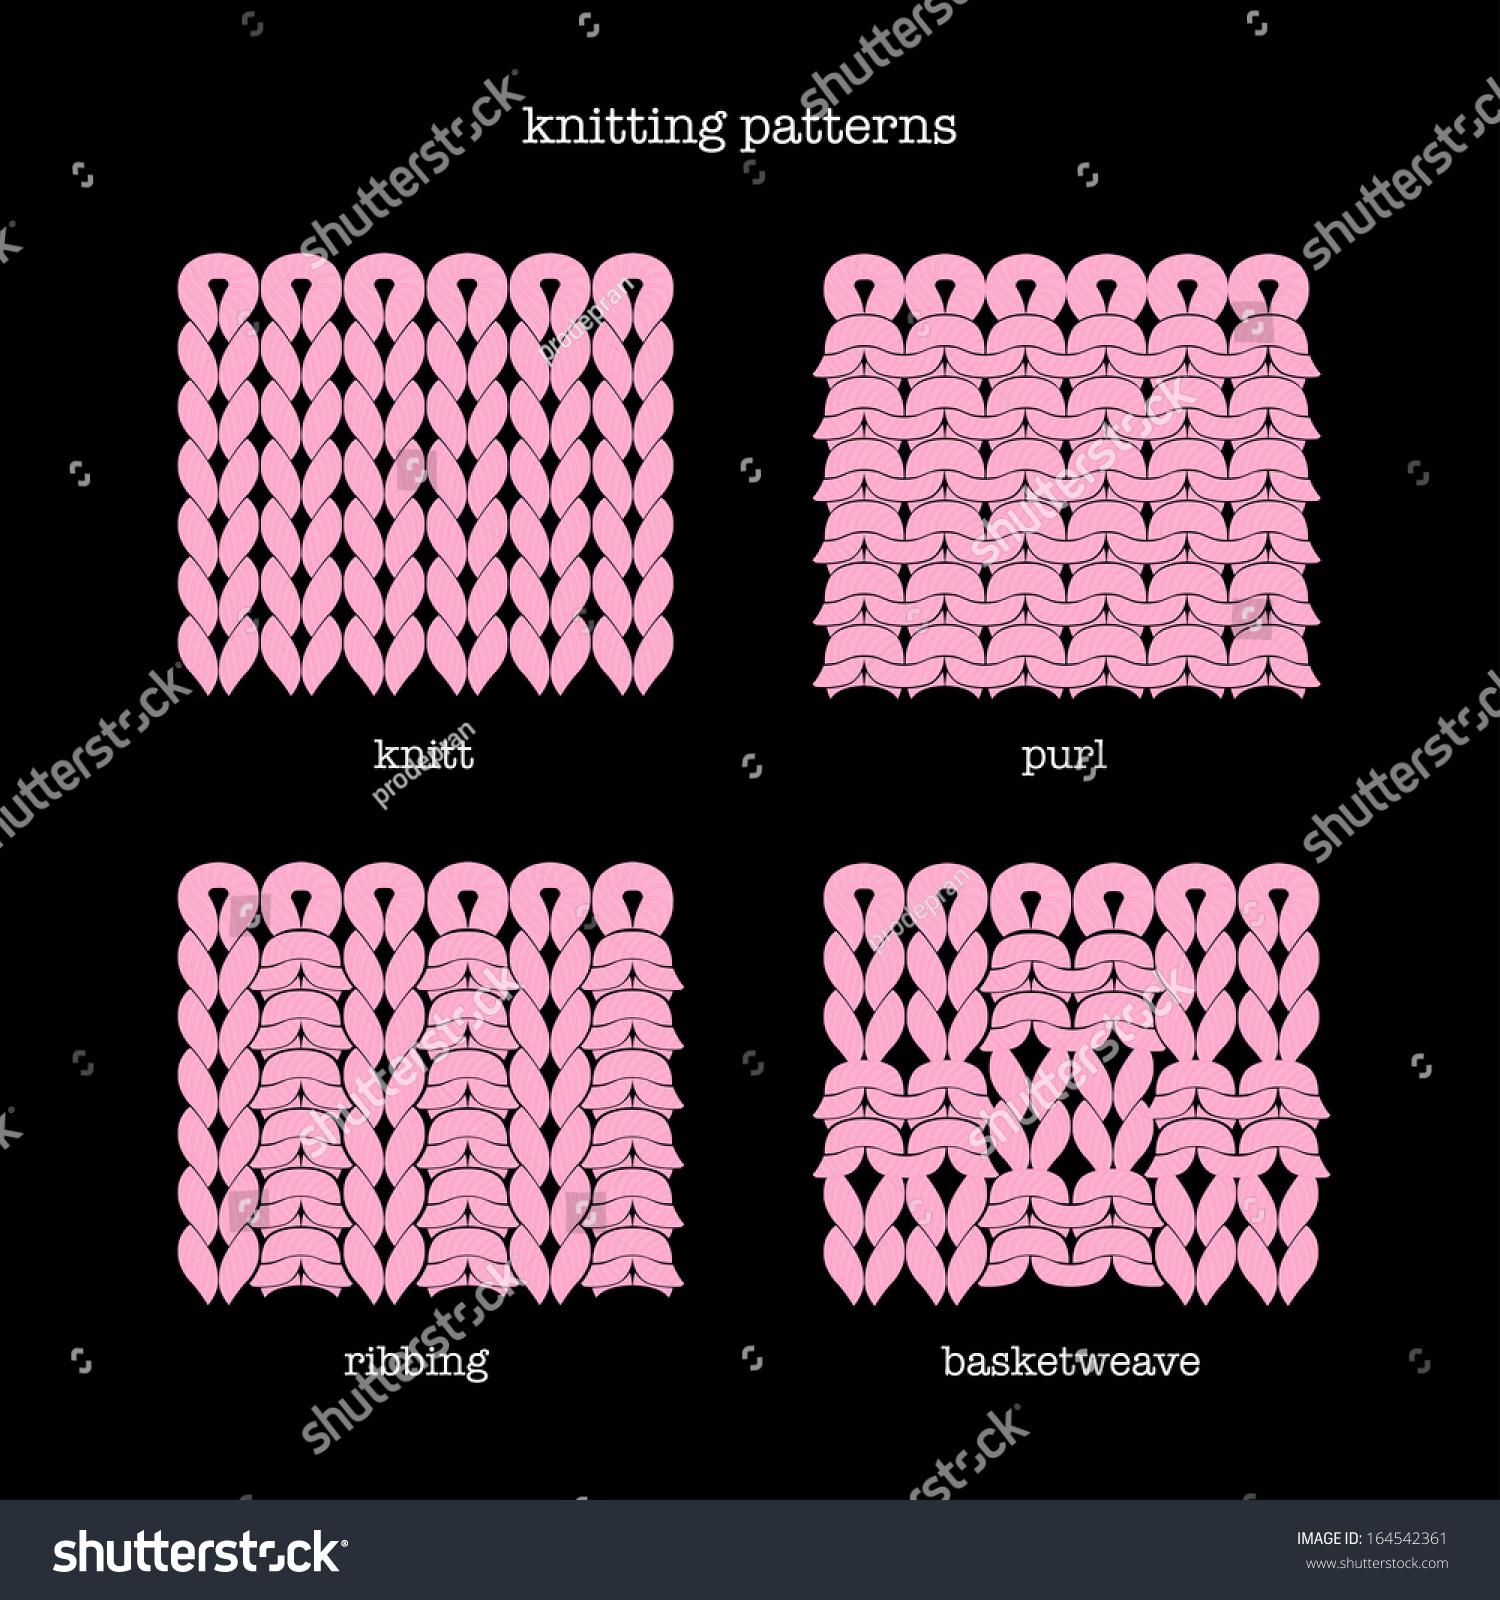 Knitting Patterns Stock Vector Illustration 164542361 : Shutterstock